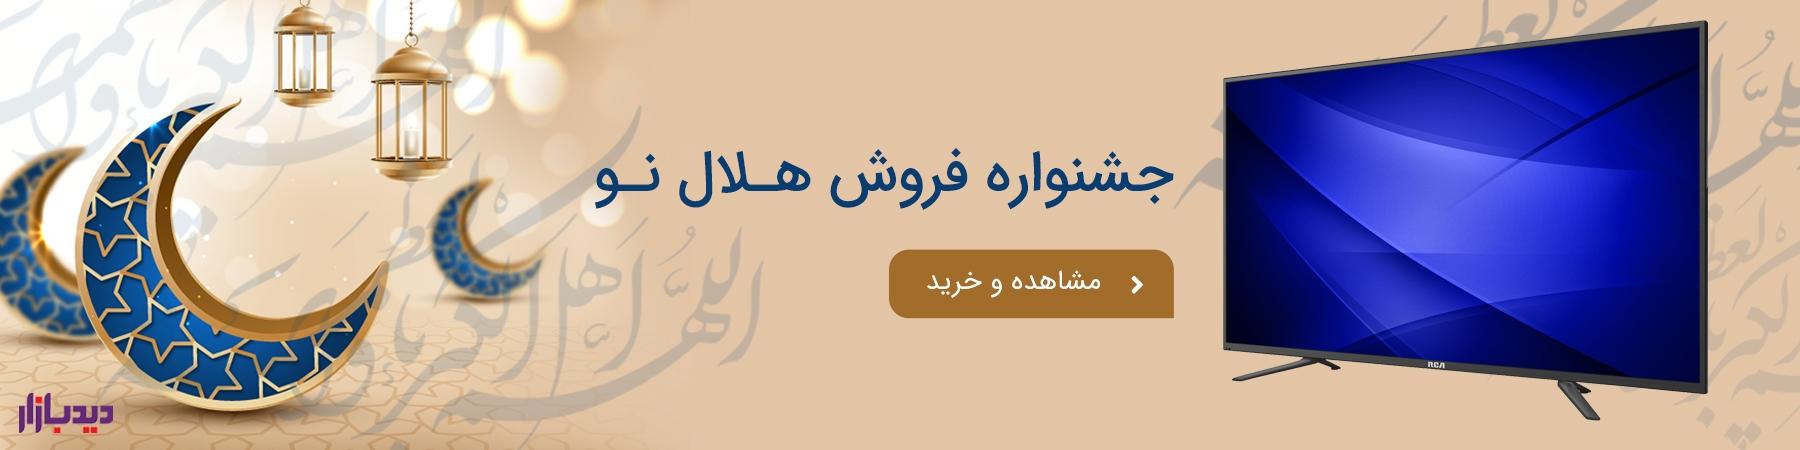 جشنواره فروش تلویزیون ویژه عید فطر